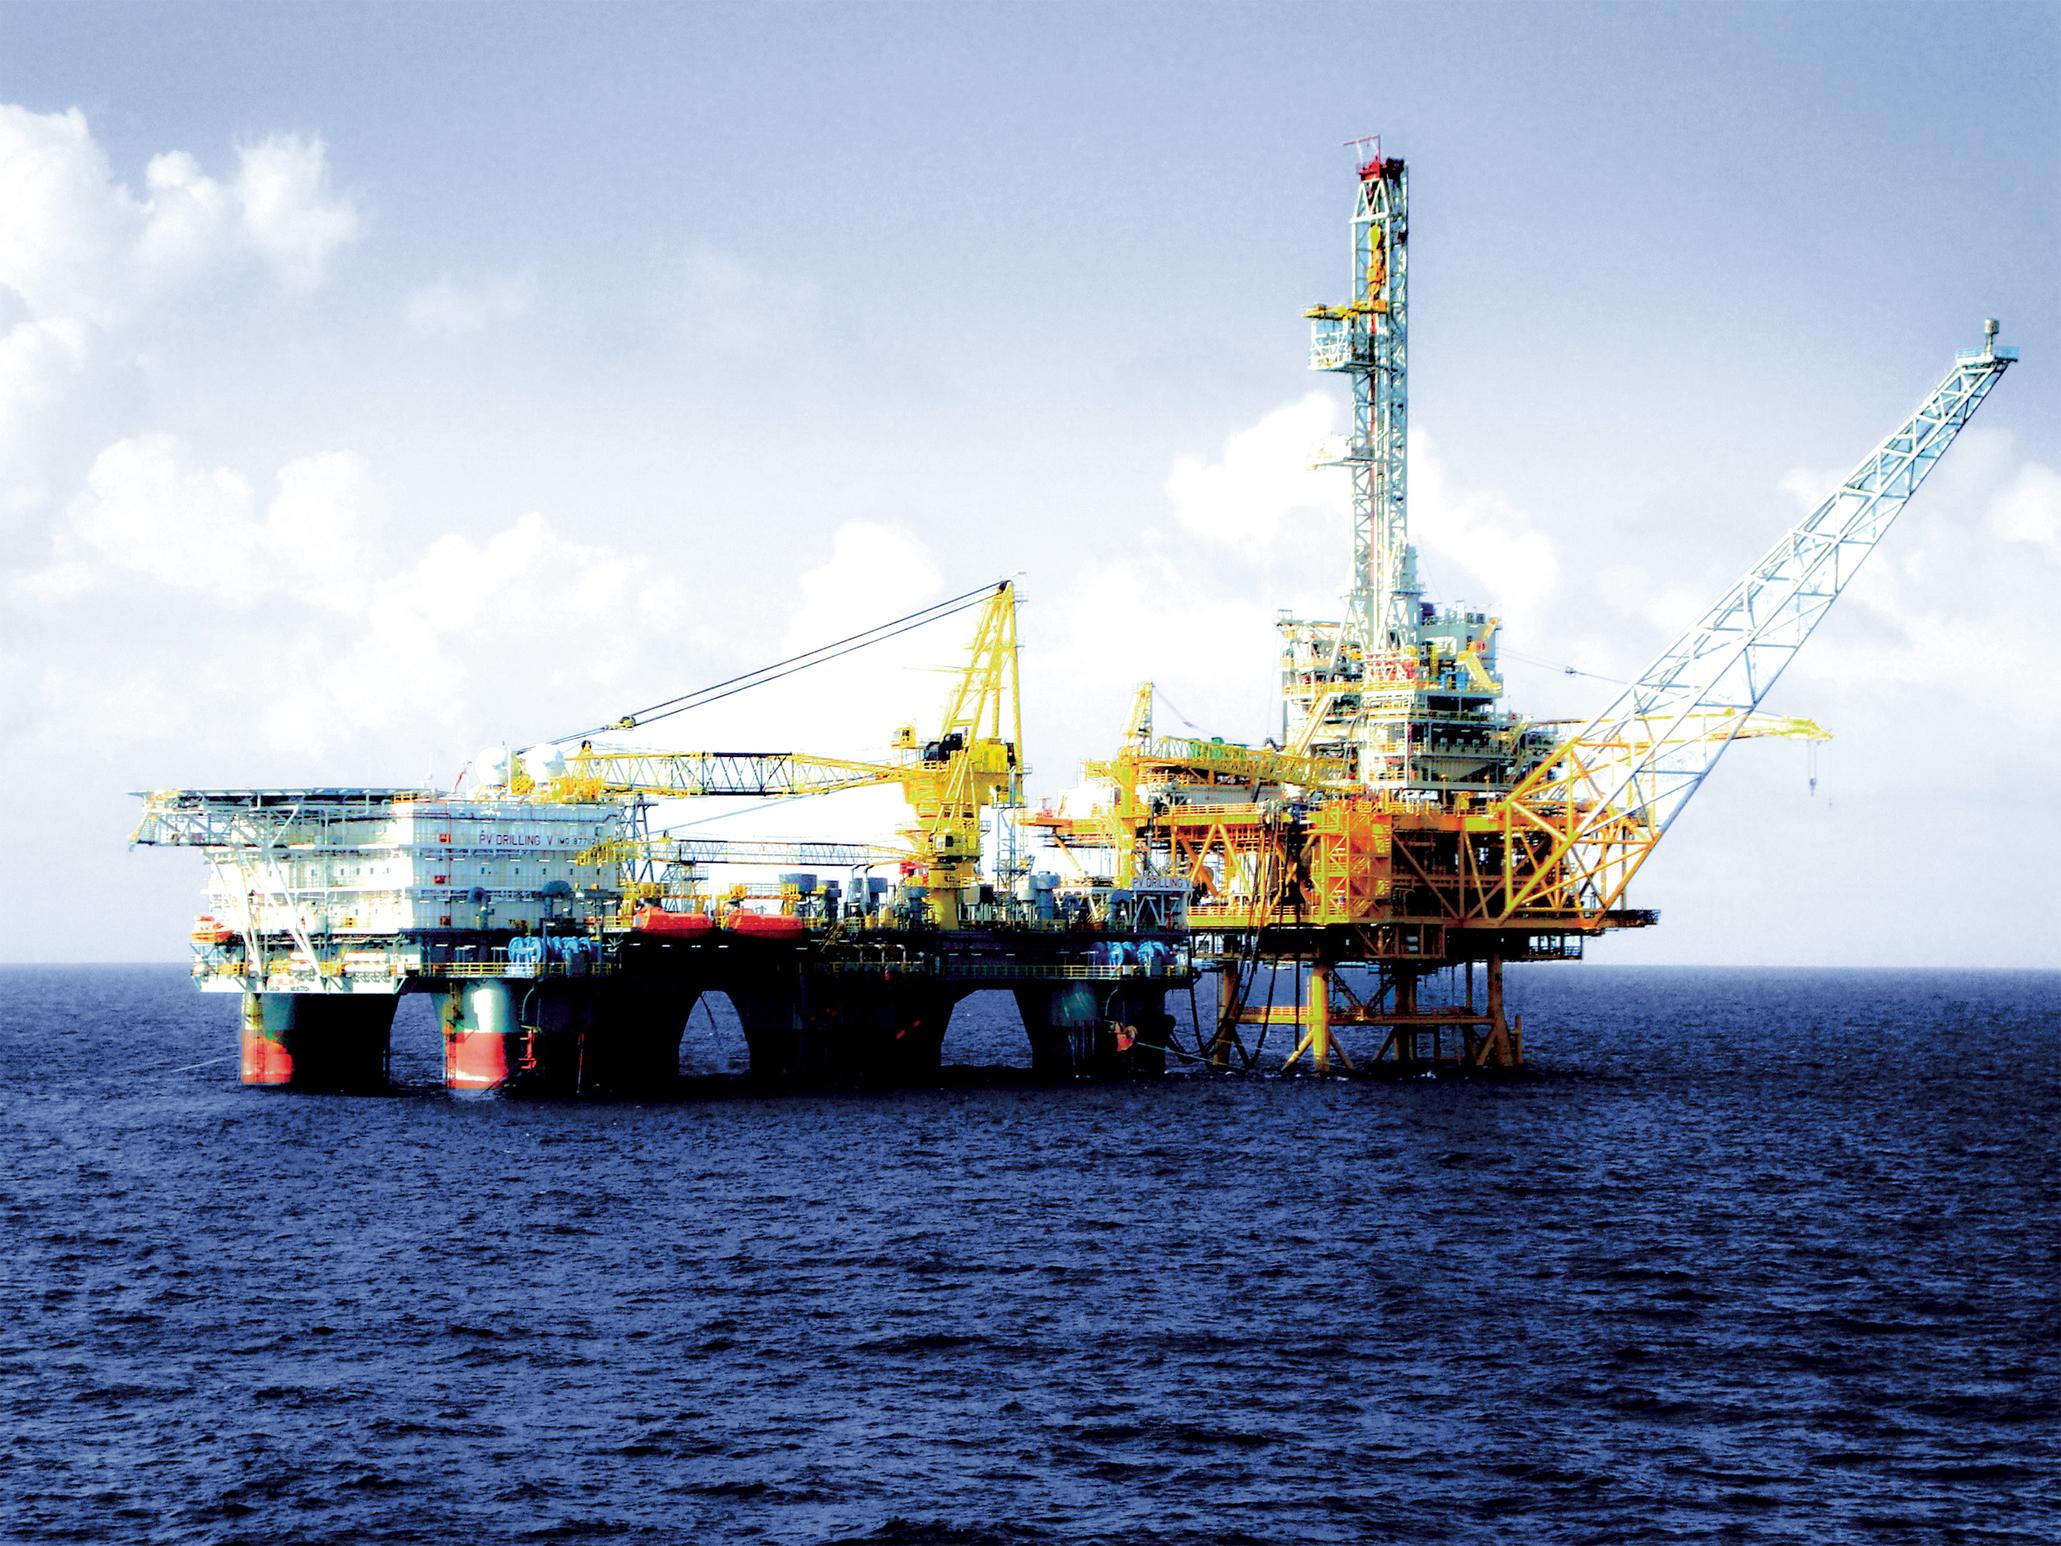 Hiệu suất sử dụng giàn tự nâng của PV Drilling đạt 100%